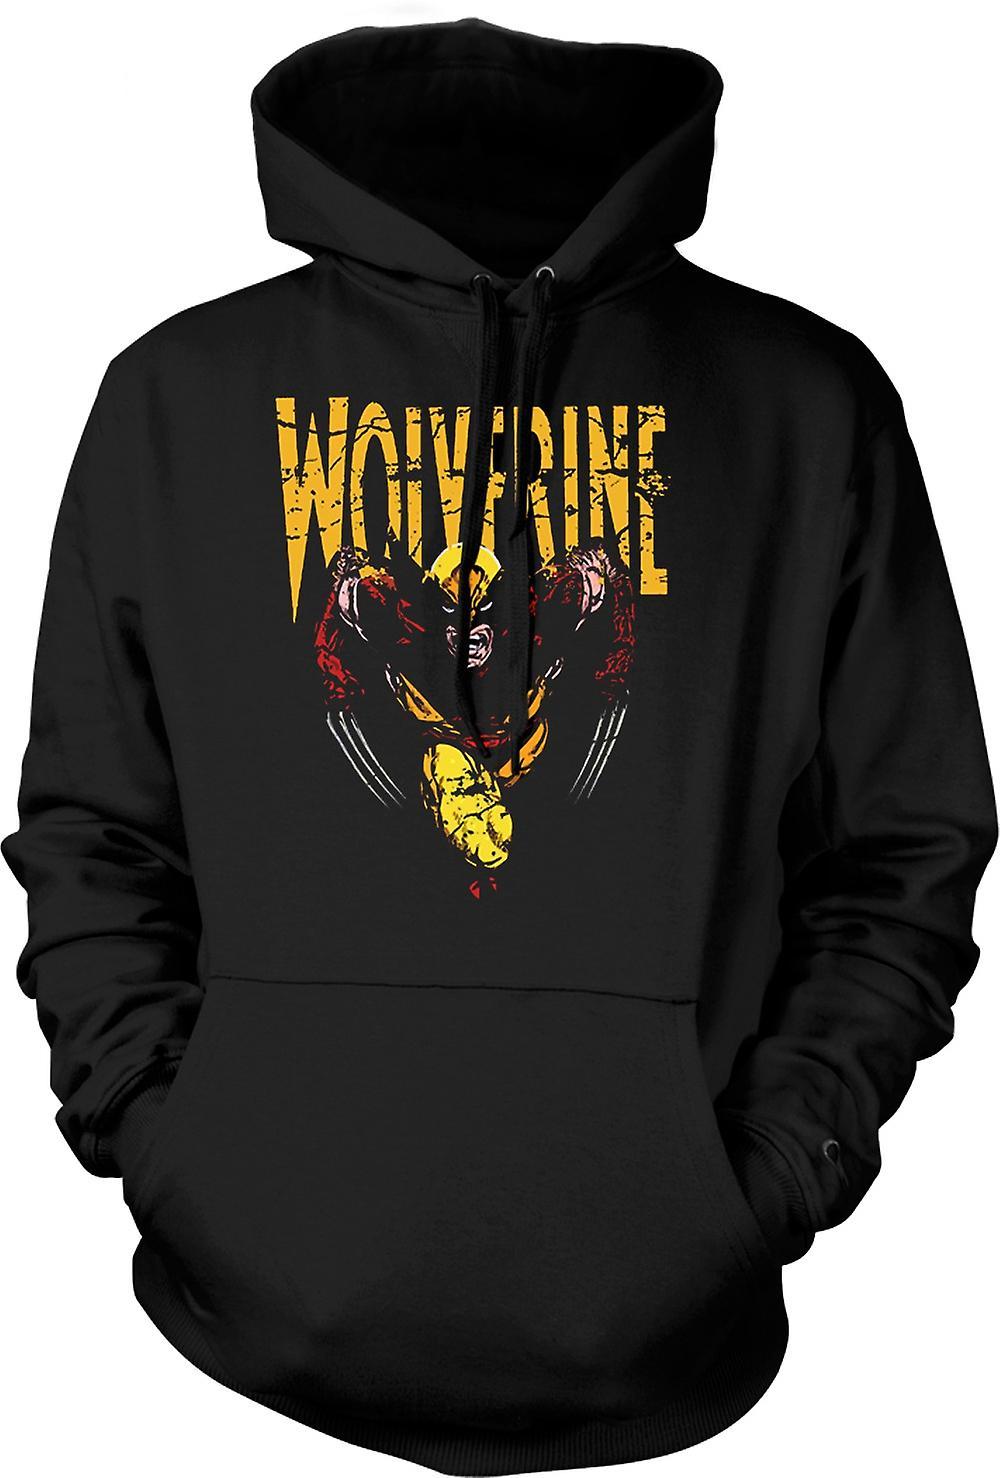 Mens Hoodie - Wolverine - klassieke komische held